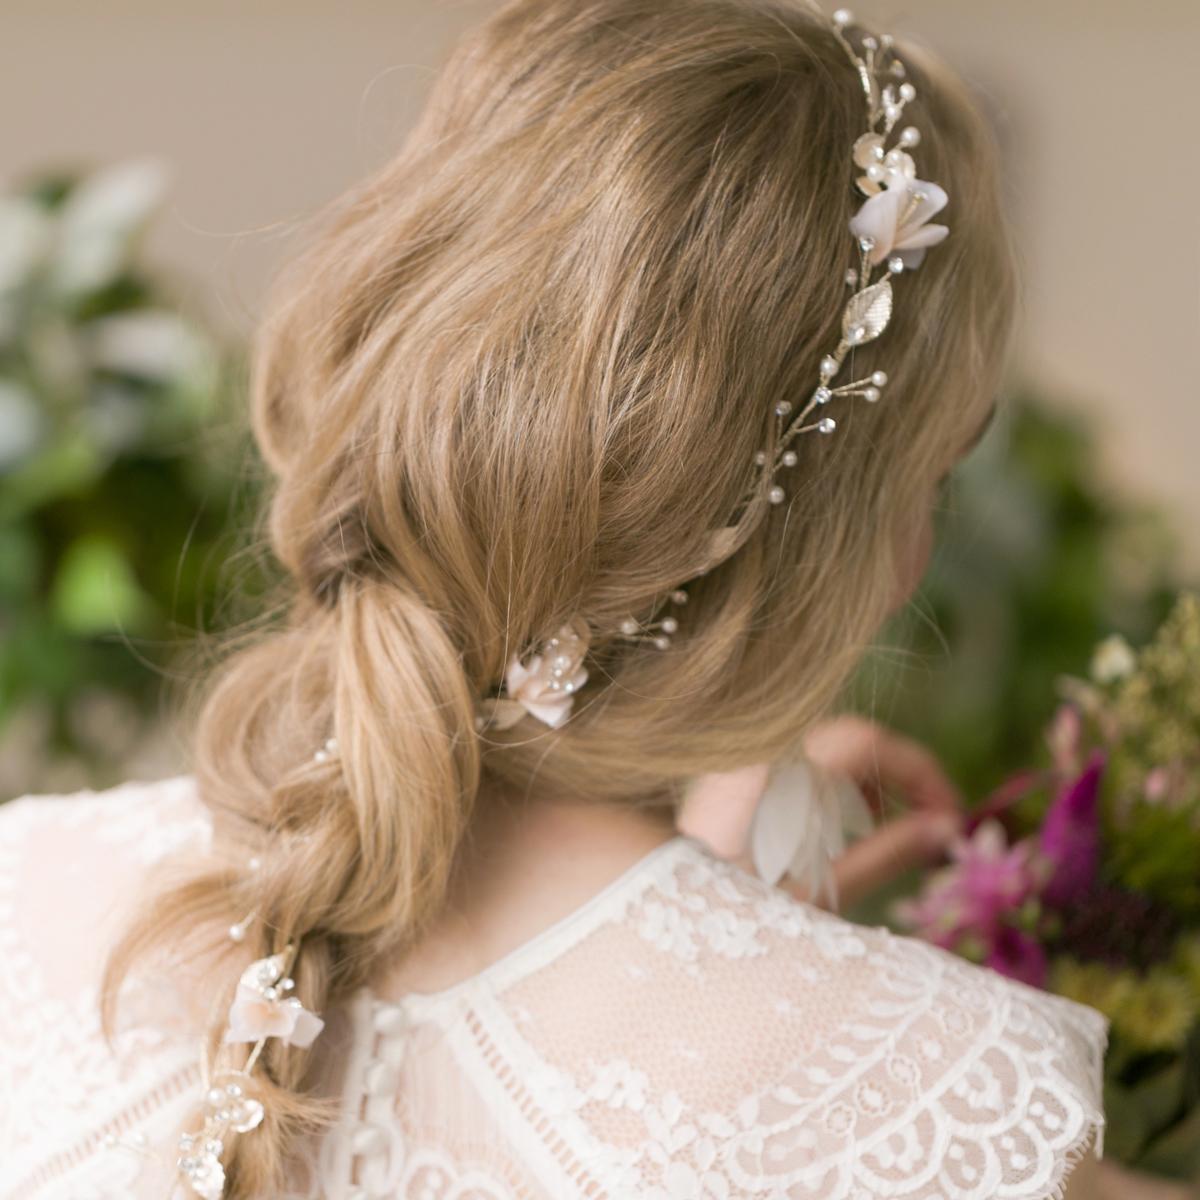 清楚で可愛らしい童話のお姫様のようになれるヘッドドレス☆